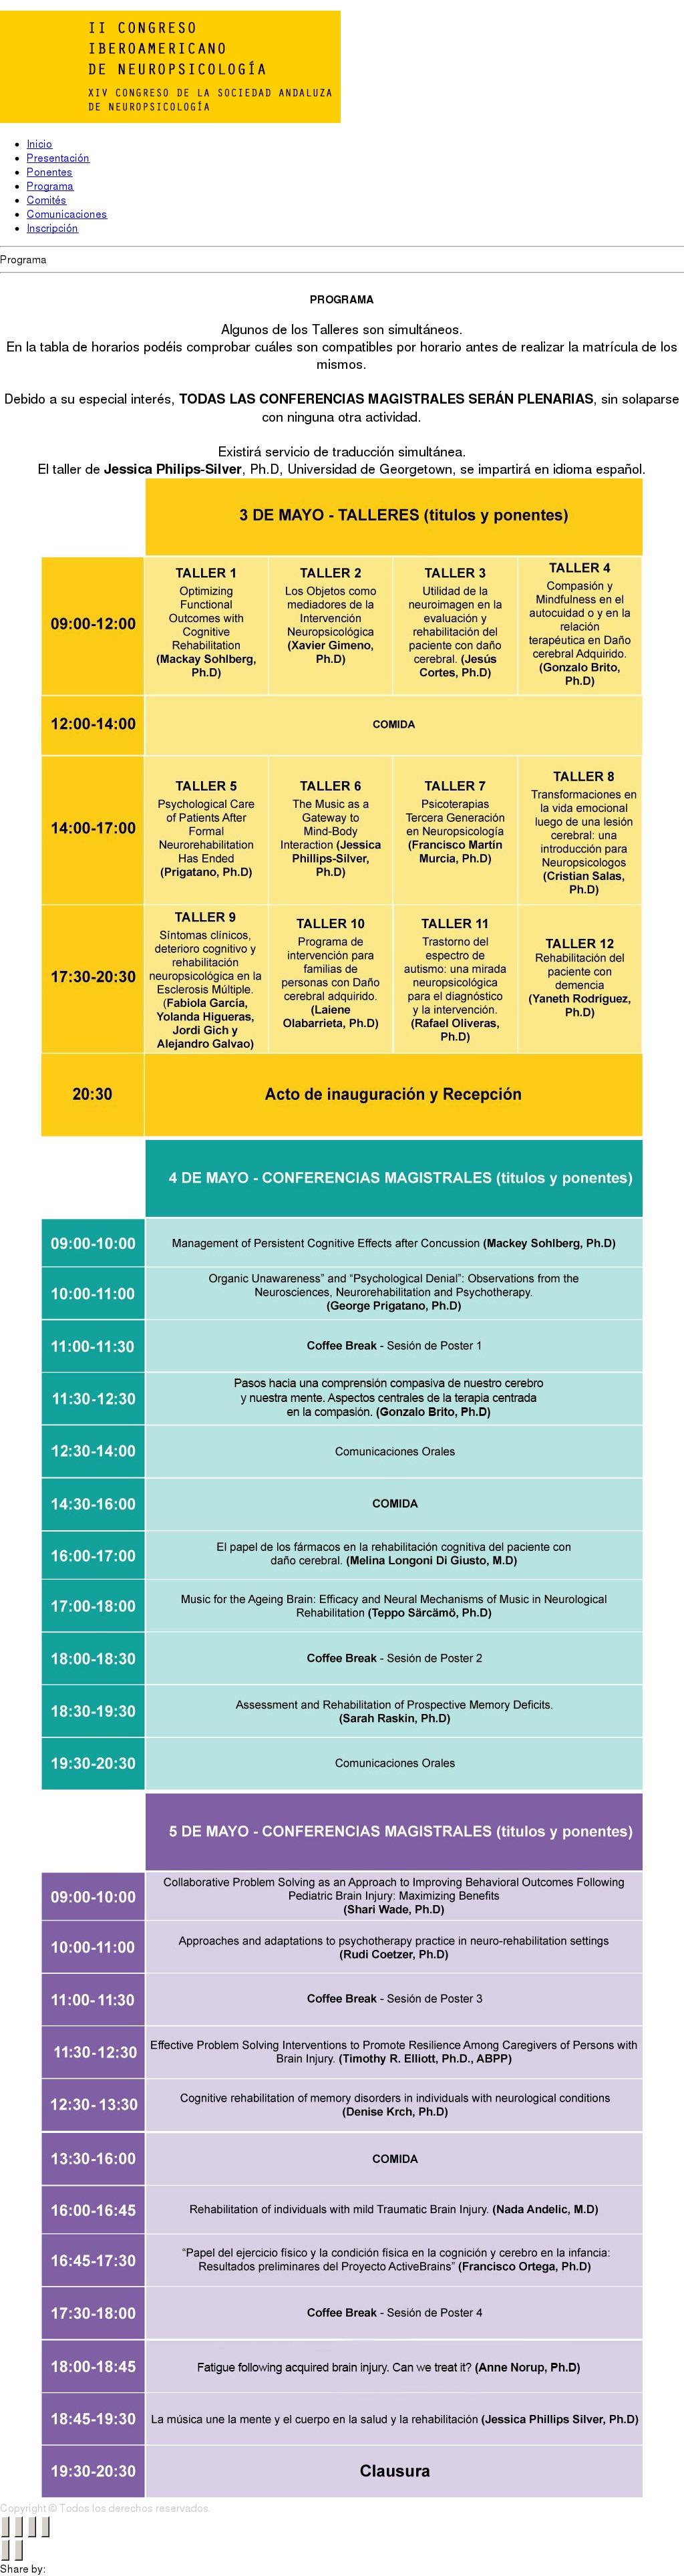 II Congreso Iberoamericano de Neuropsicología (Almería)